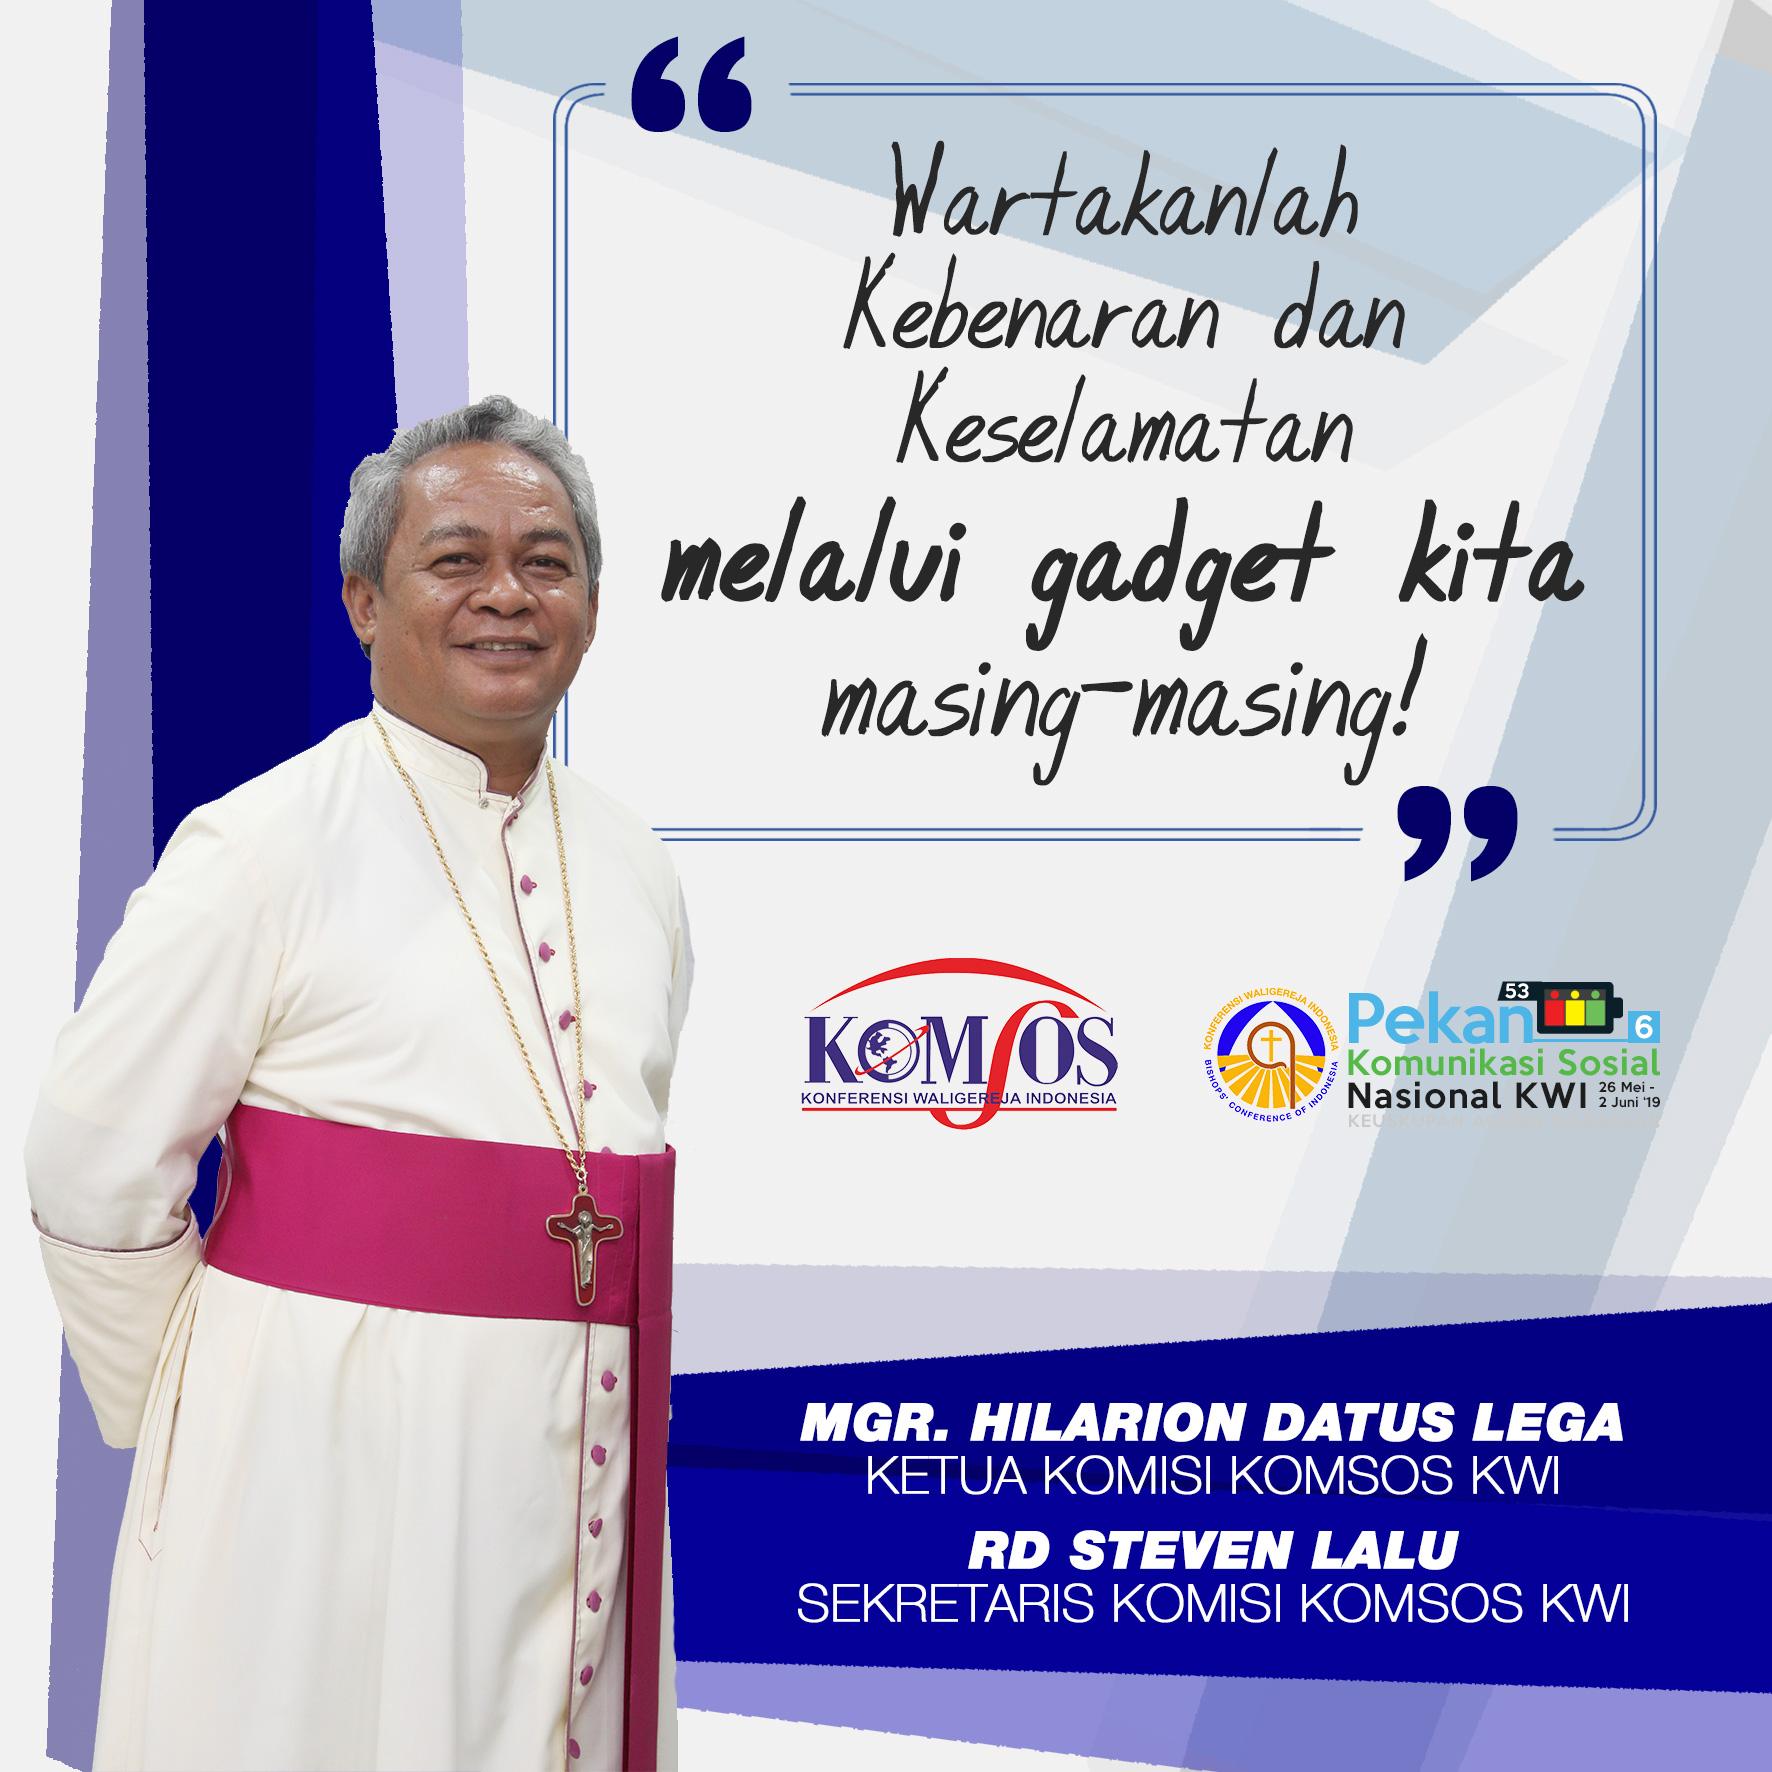 Komisi Komsos KWI